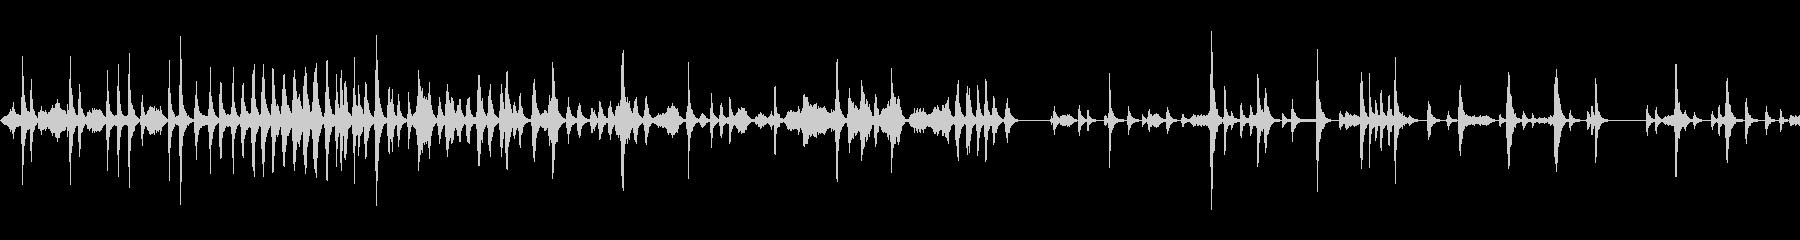 ゴールデンライオンタマリン-猿の未再生の波形